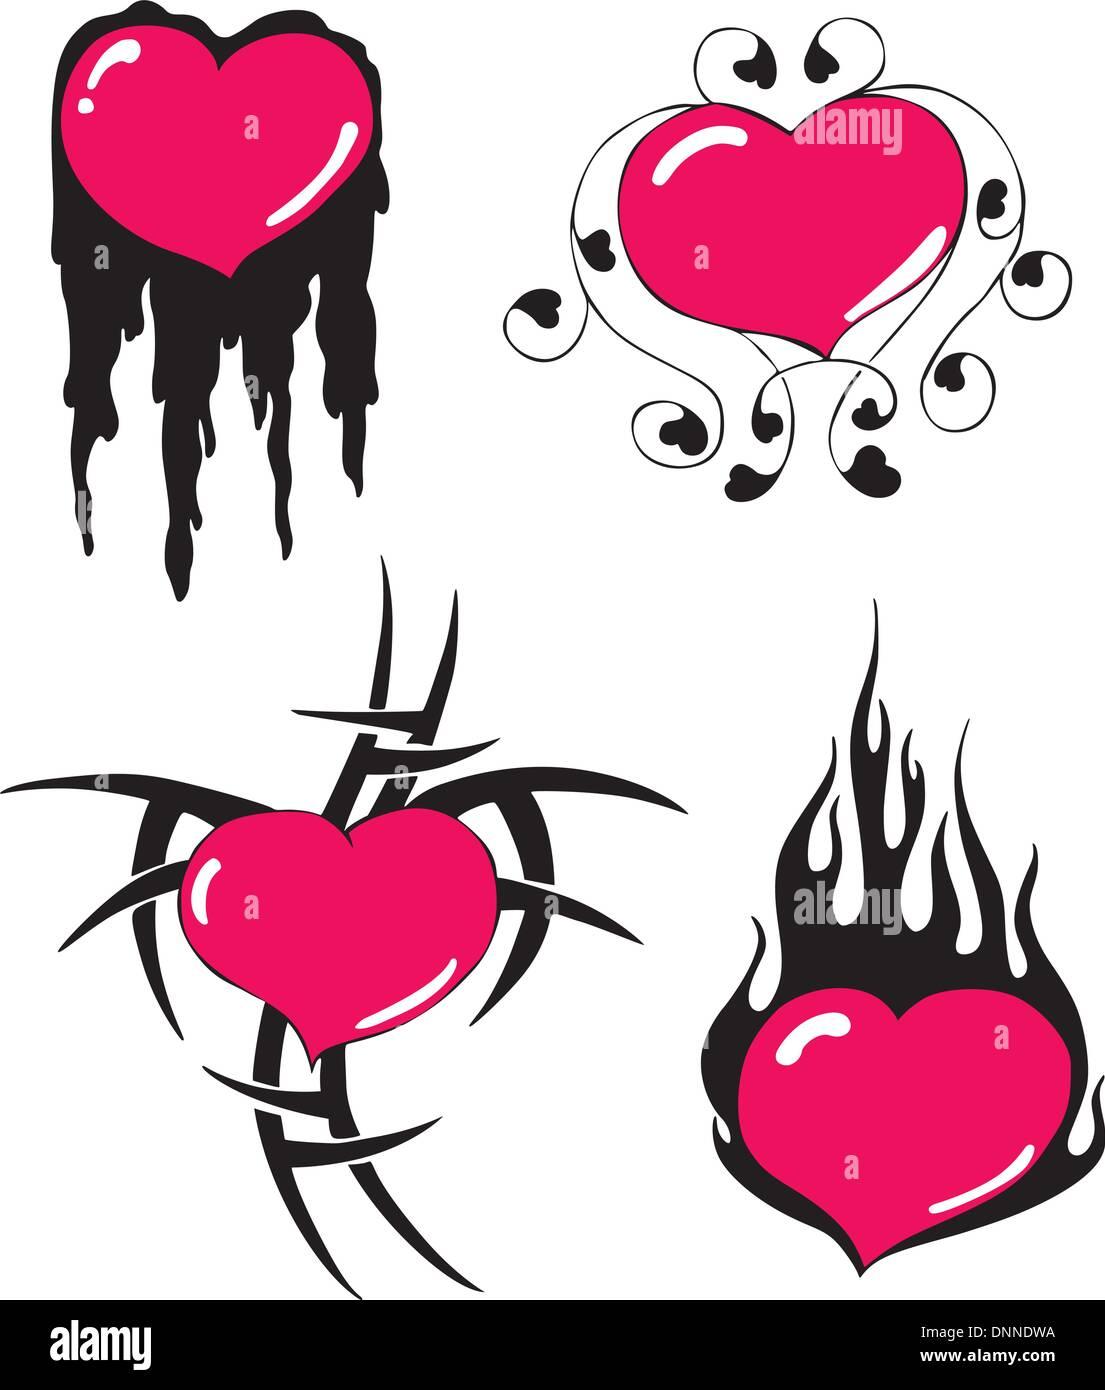 Einfaches Herz-Designs. Satz von schwarzen und roten Vektor-Illustrationen. Stockbild